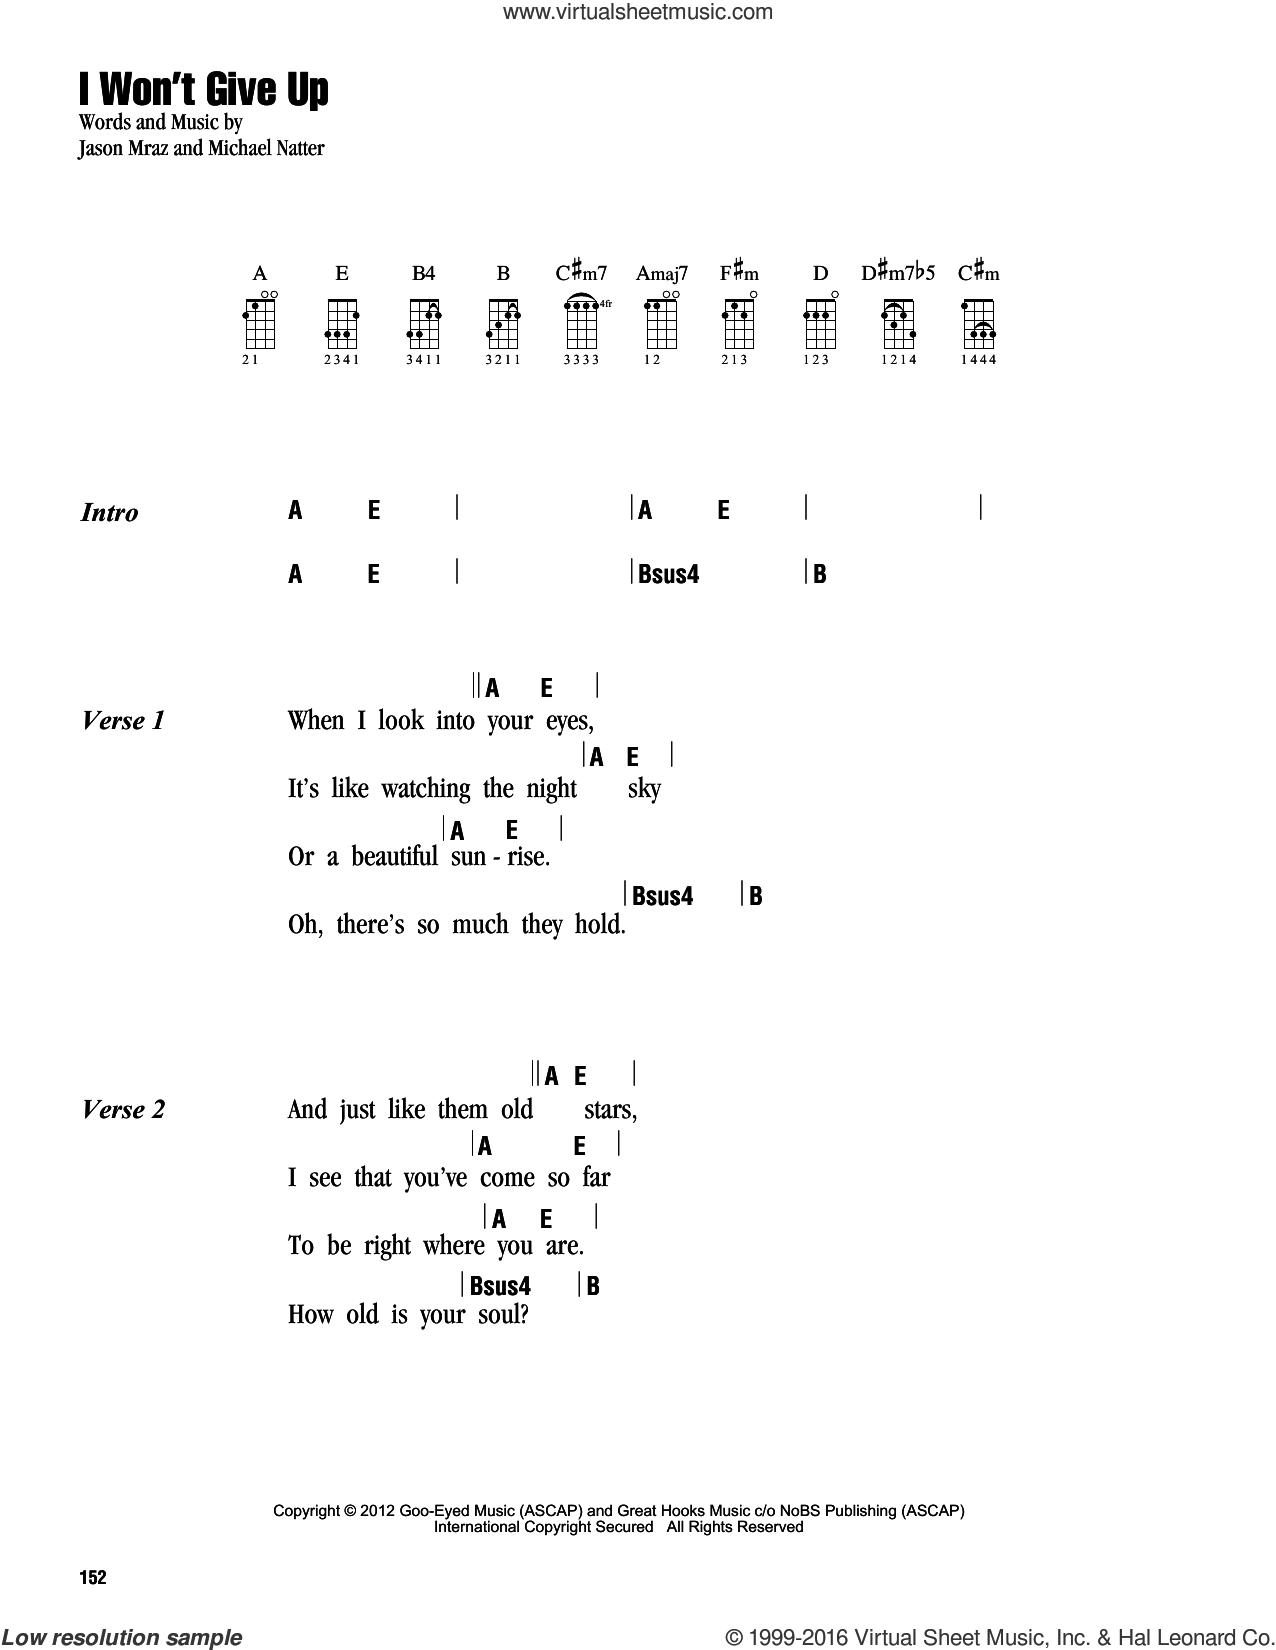 I Won't Give Up sheet music for ukulele (chords) by Jason Mraz and Michael Natter, intermediate skill level